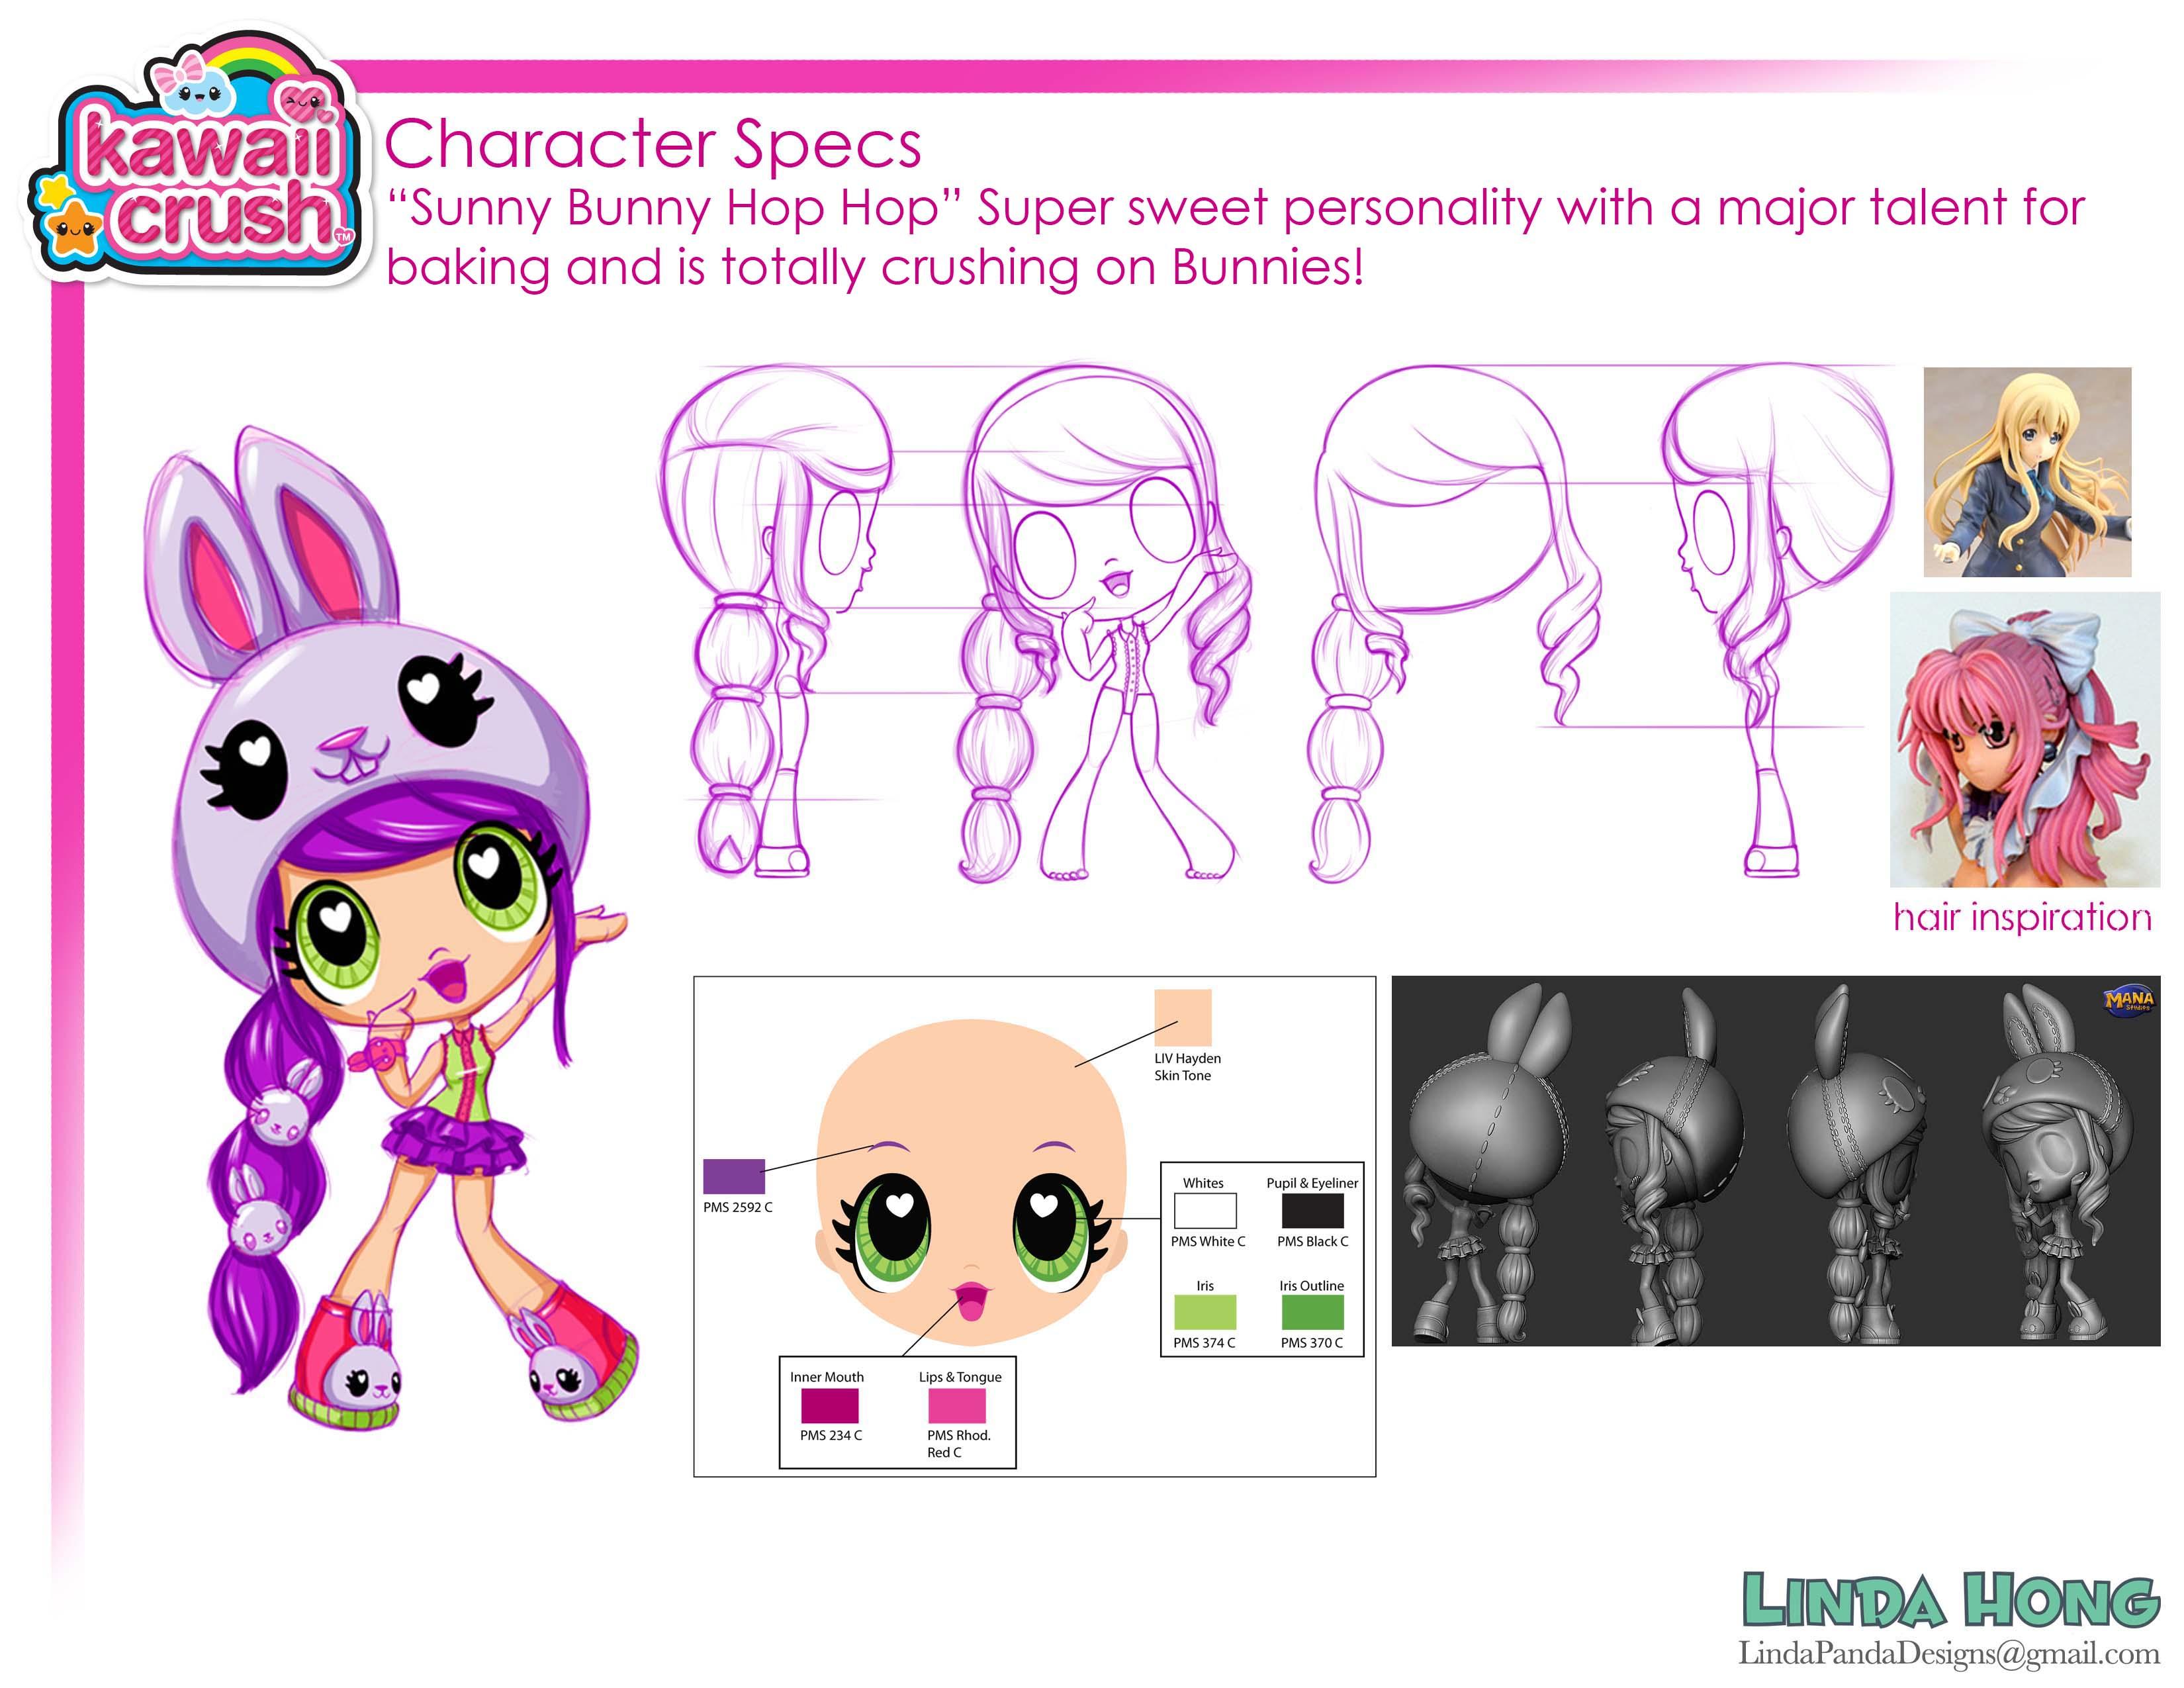 Sunny Bunny Hop Hop Character specs